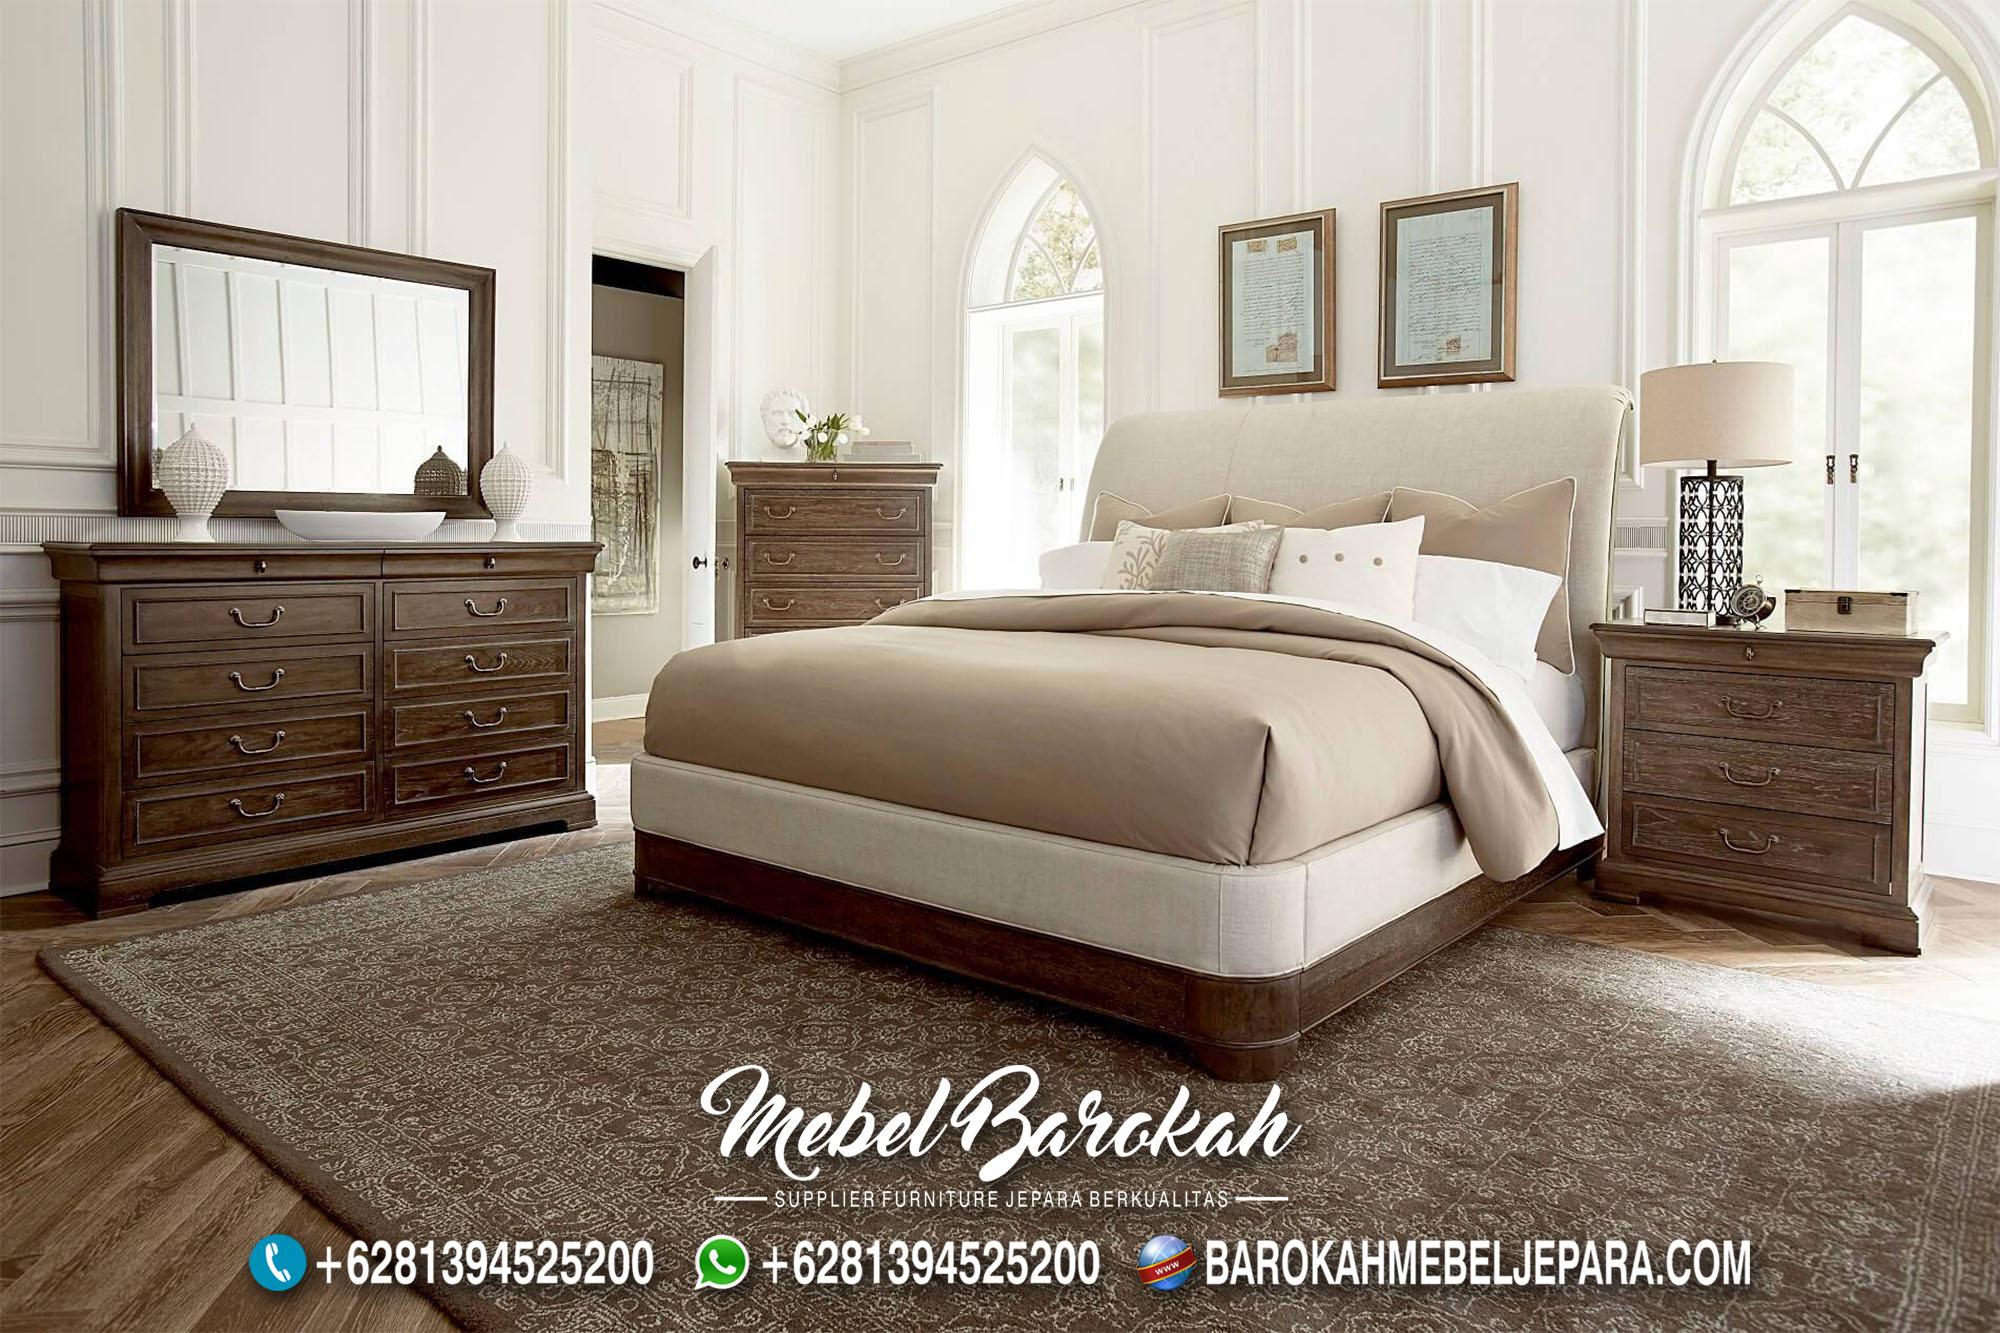 New Desain Kamar Hotel Minimalis Bintang Lima MB-738